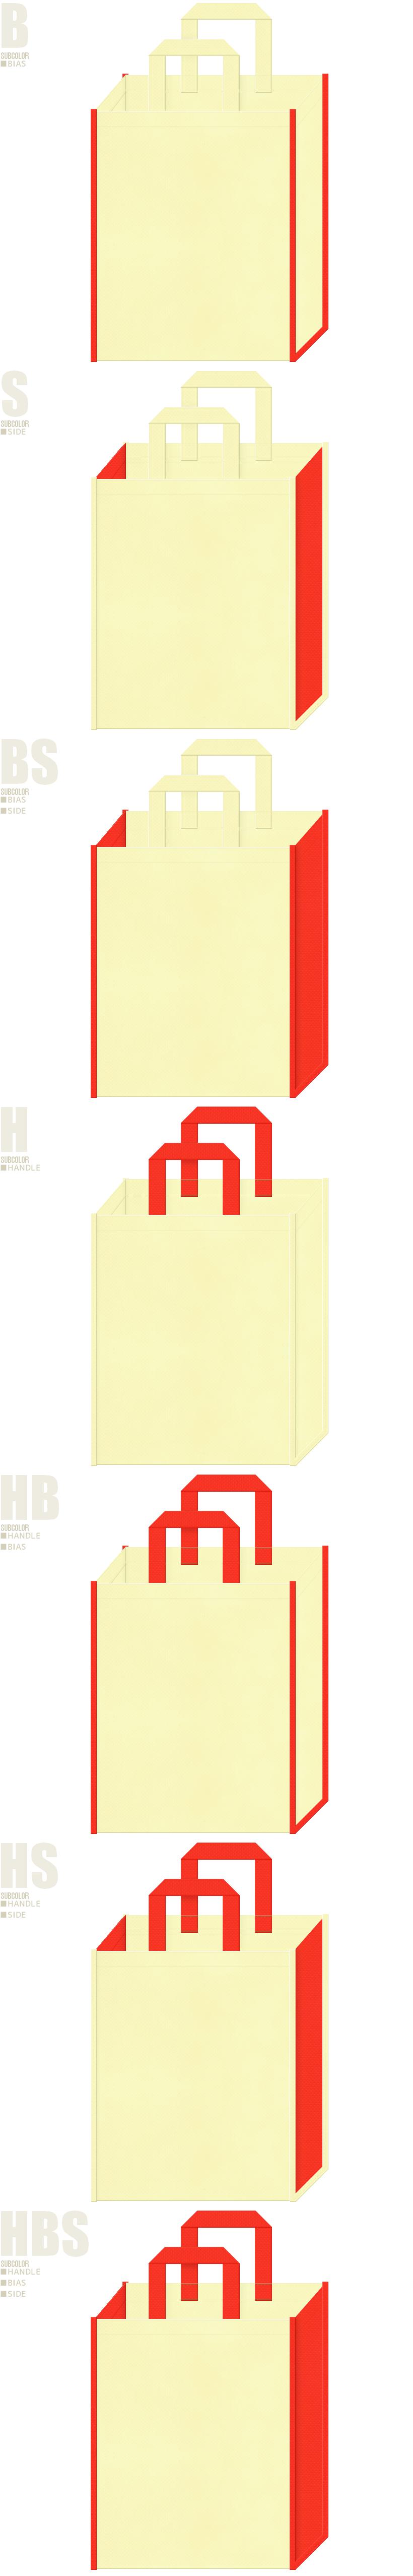 サプリメント・キッチン用品・調味料・ランチバッグにお奨めの不織布バッグデザイン:薄黄色とオレンジ色の配色7パターン。